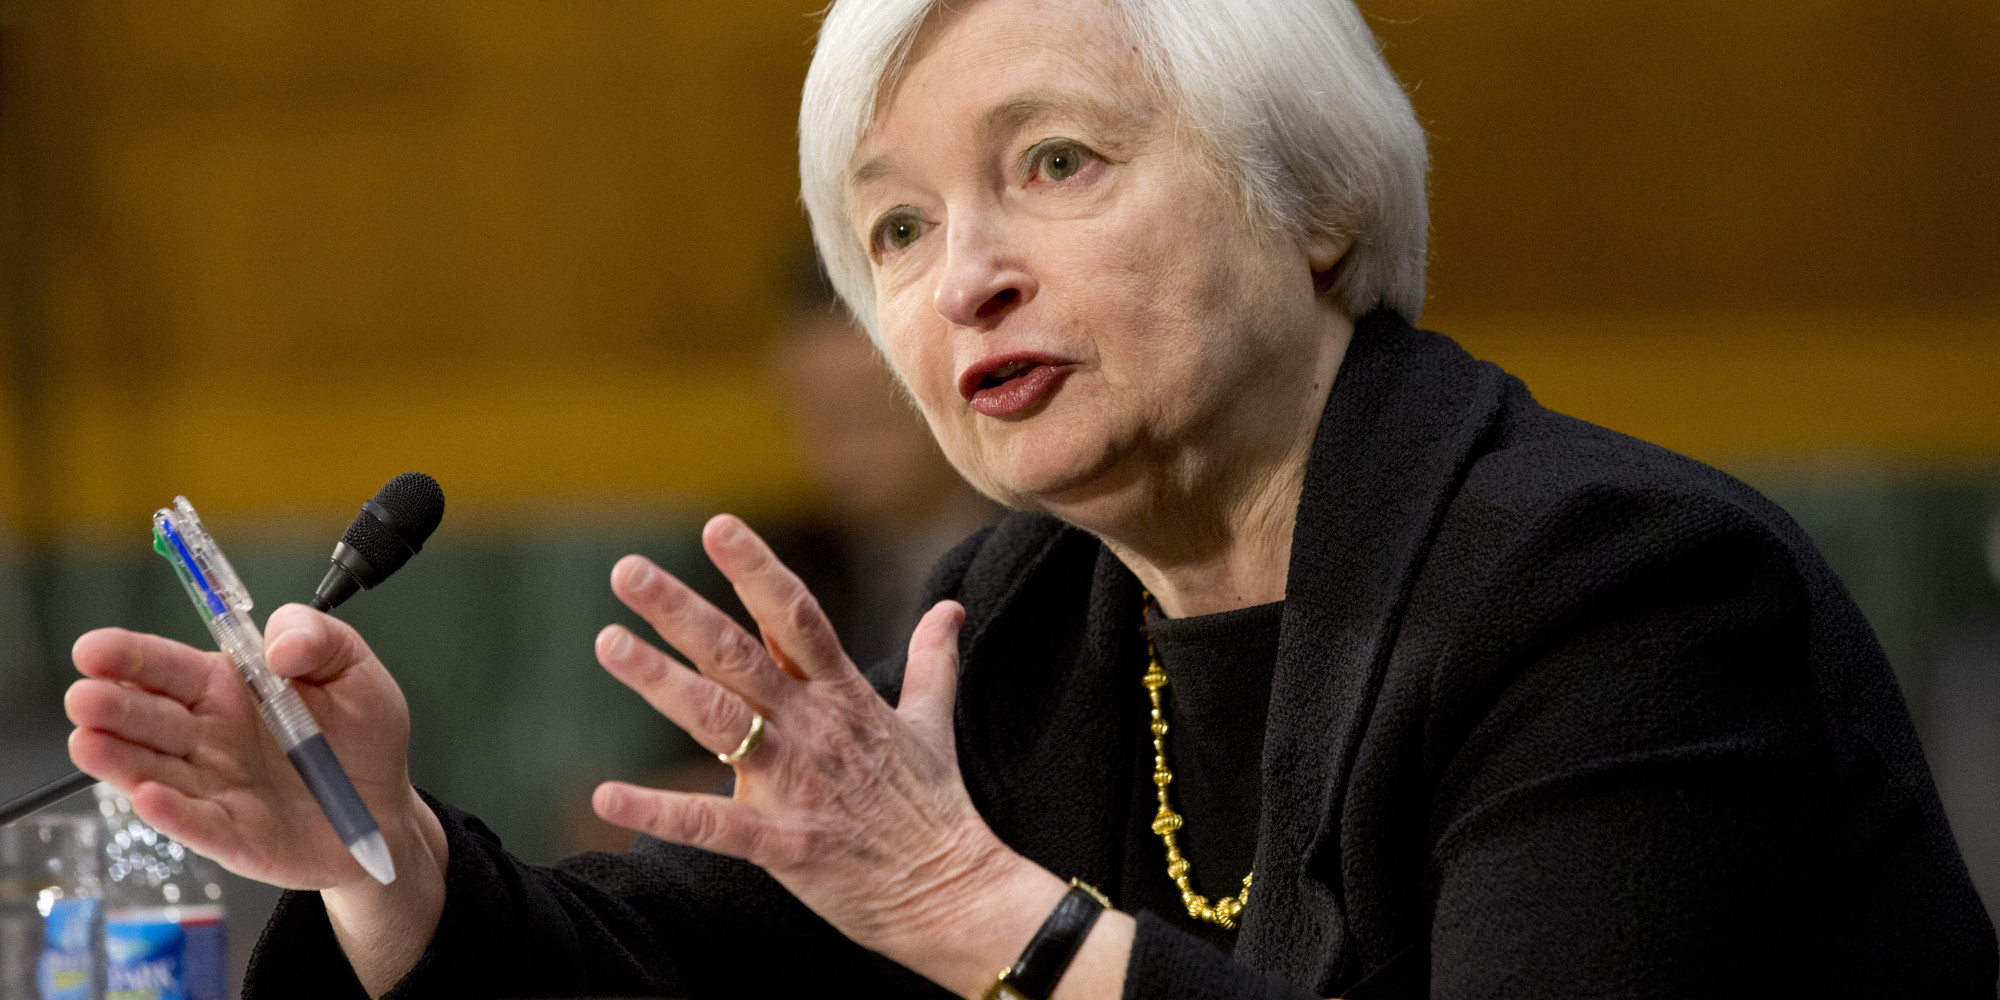 Yellen'den küresel vergi açıklaması: 2022'ye kadar hazır olmaz